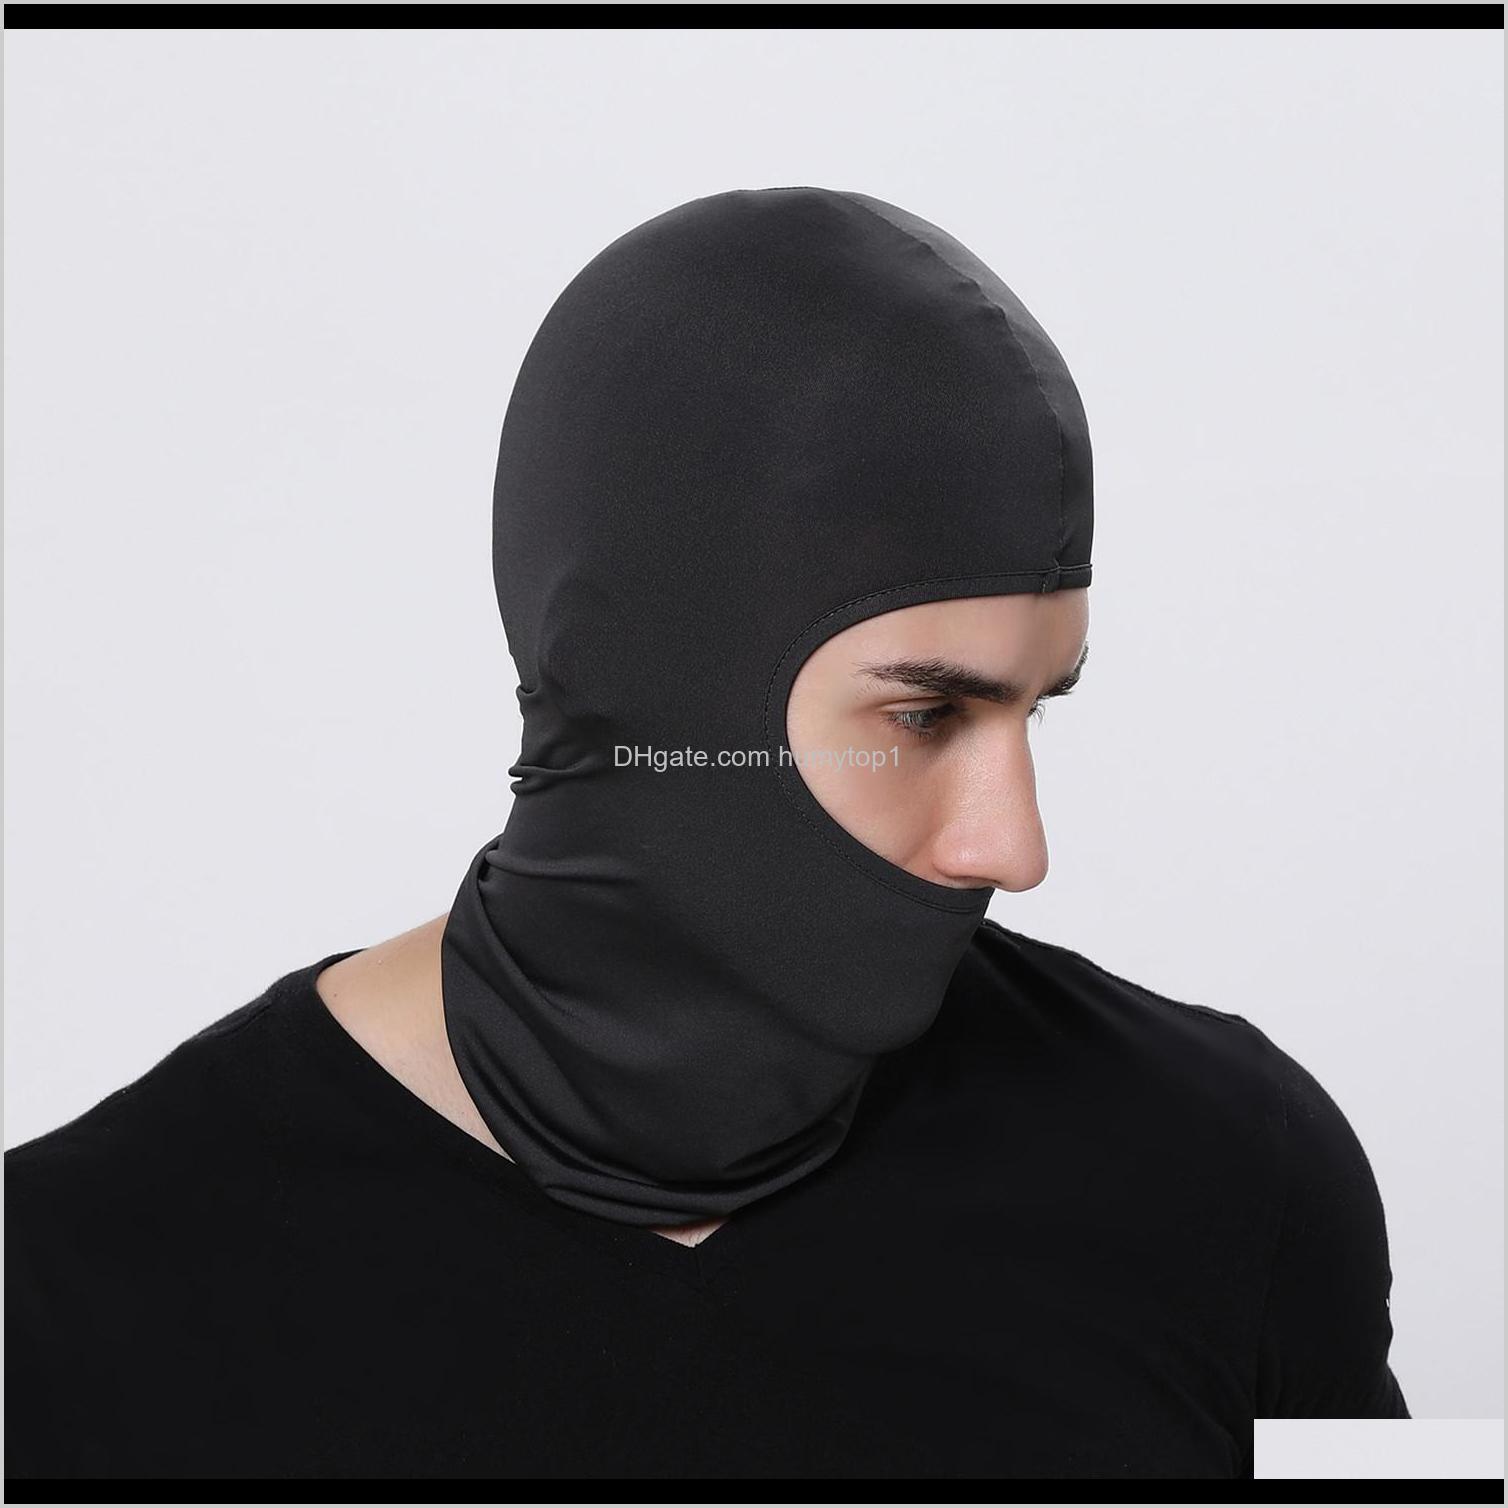 Vendendo Pescoço de Esqui Protegendo Balaclava Ao Ar Livre Ultra Fino Respirável Respirável à prova de vento MC173 Rygh2 Caps Máscaras RCHIH